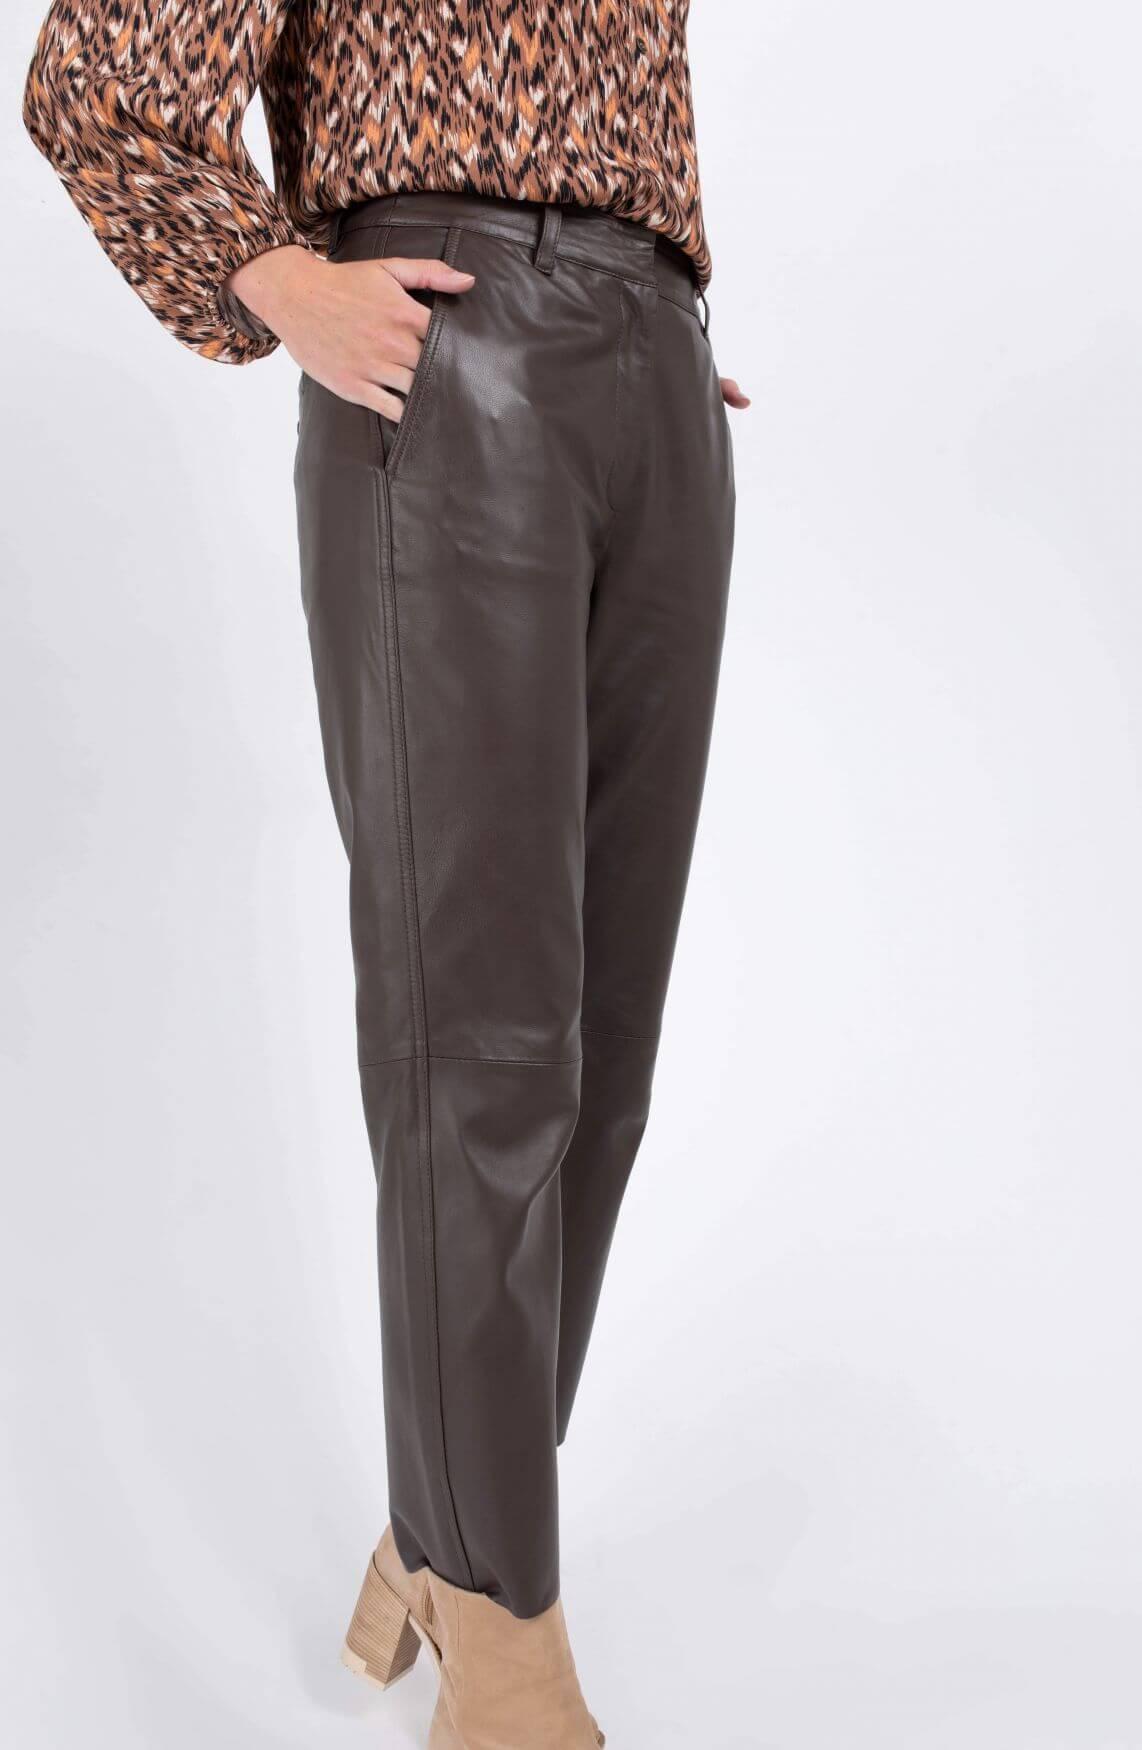 Co Couture Dames Leren broek Bruin